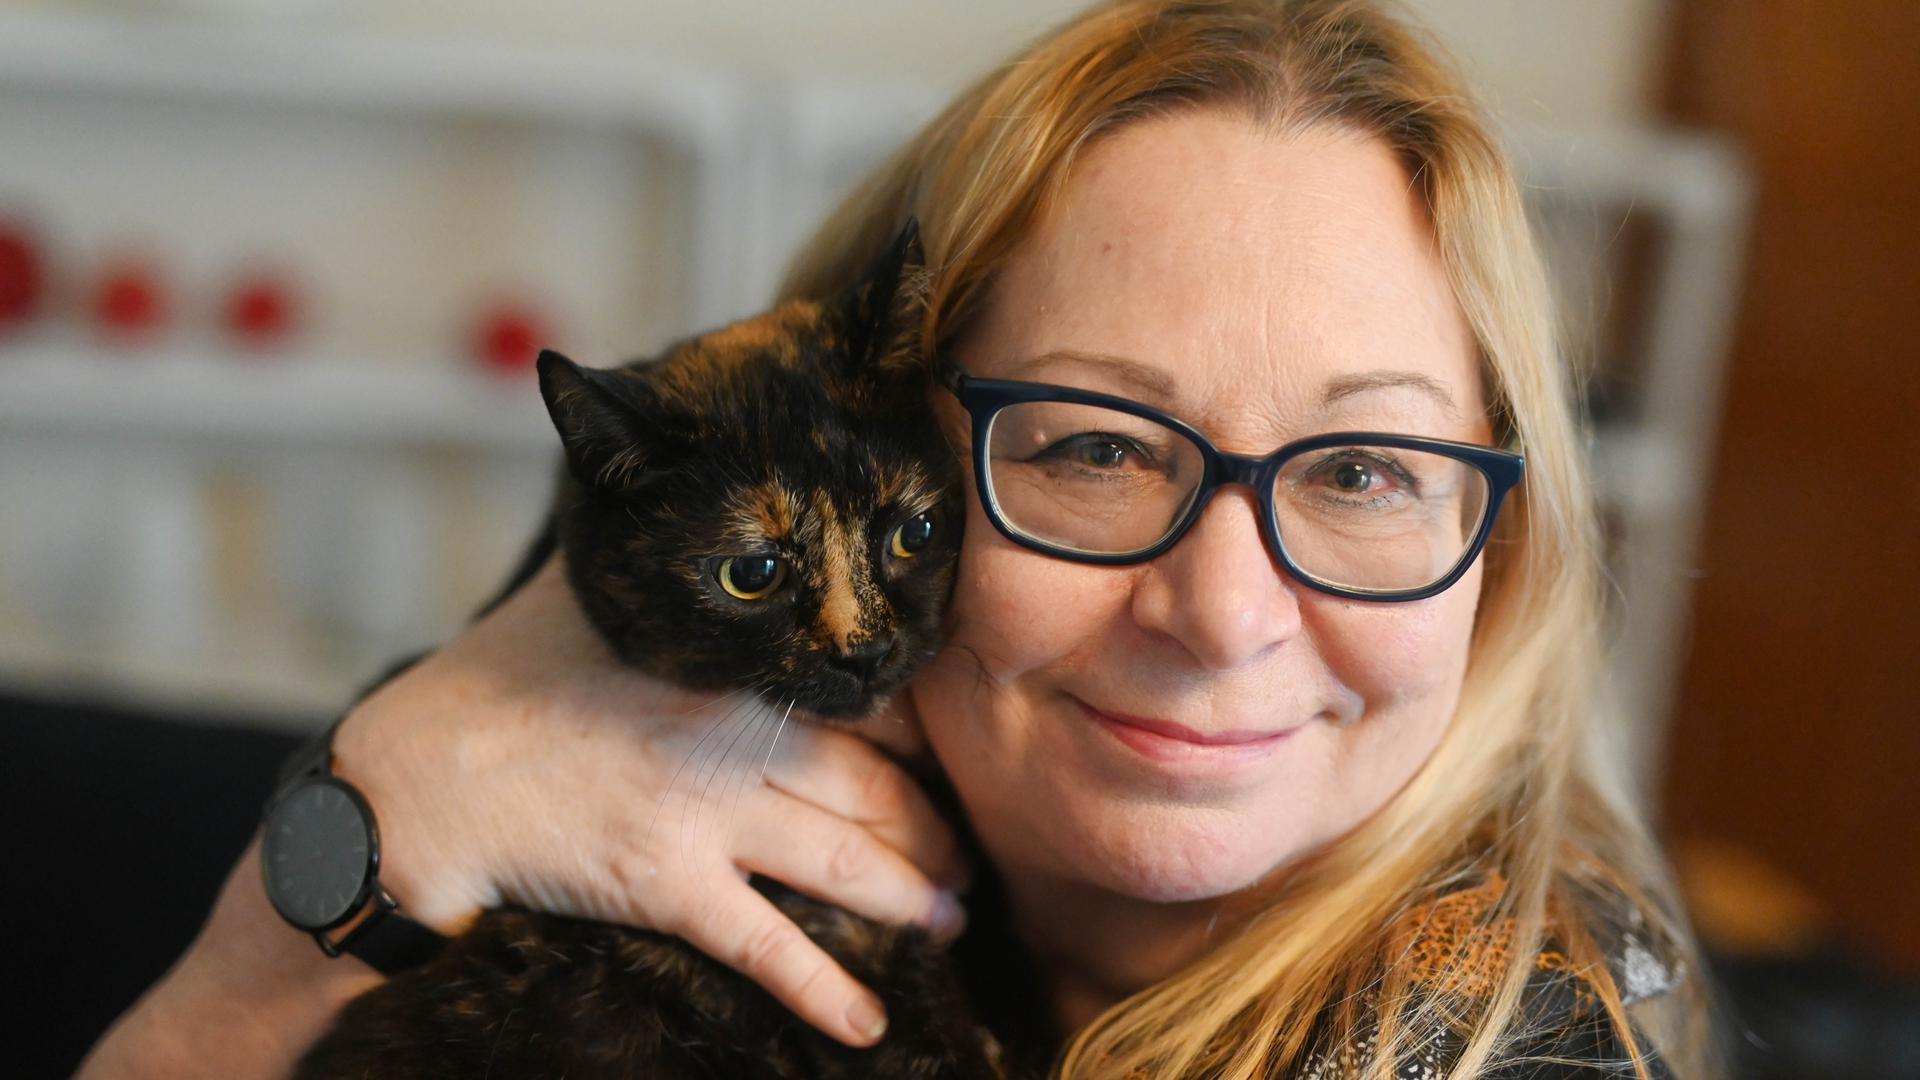 Die Karlsruher Tierpsychologin Barbara Johanna Heller mit ihrer Katze Luna. Bevor sie mit einer Behandlung beginnt, macht sie grundsätzlich einen Hausbesuch bei ihren Kunden, um das Umfeld der Katzen kennenzulernen.